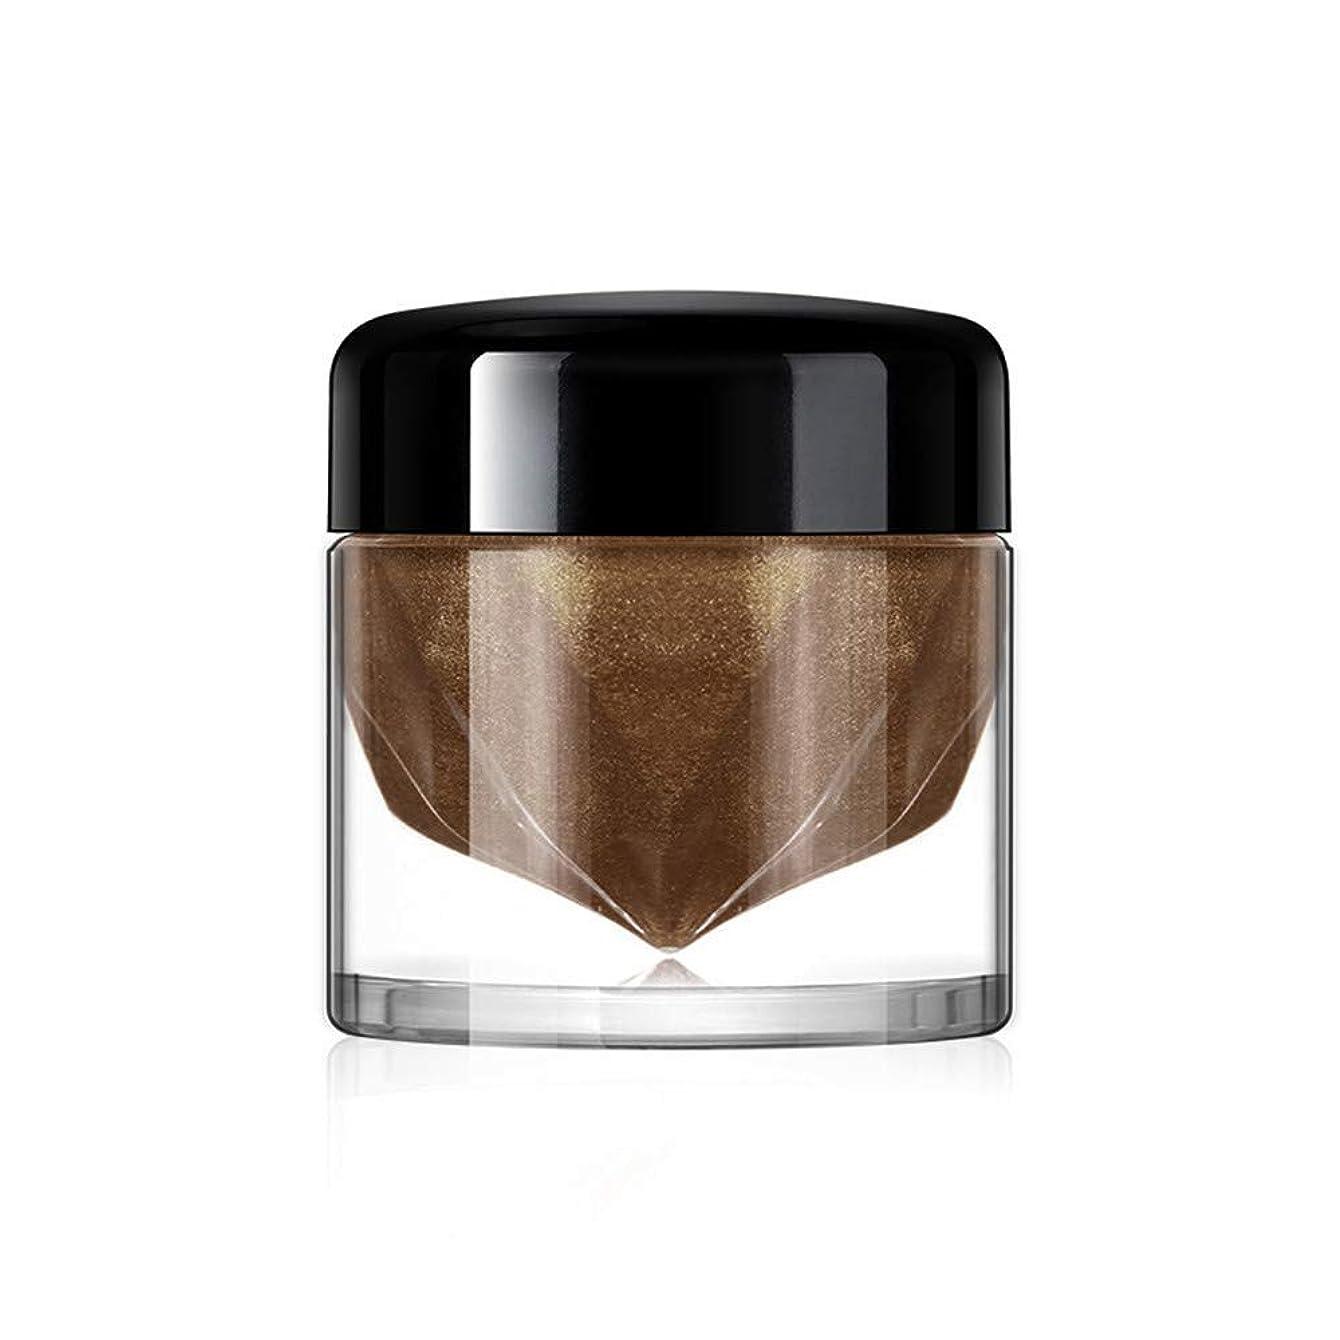 明るい樫の木スティーブンソンHostelm プロアイシャドウパレット 韓国コスメ メイクアップパレット アイシャドウ カラーメイク便利